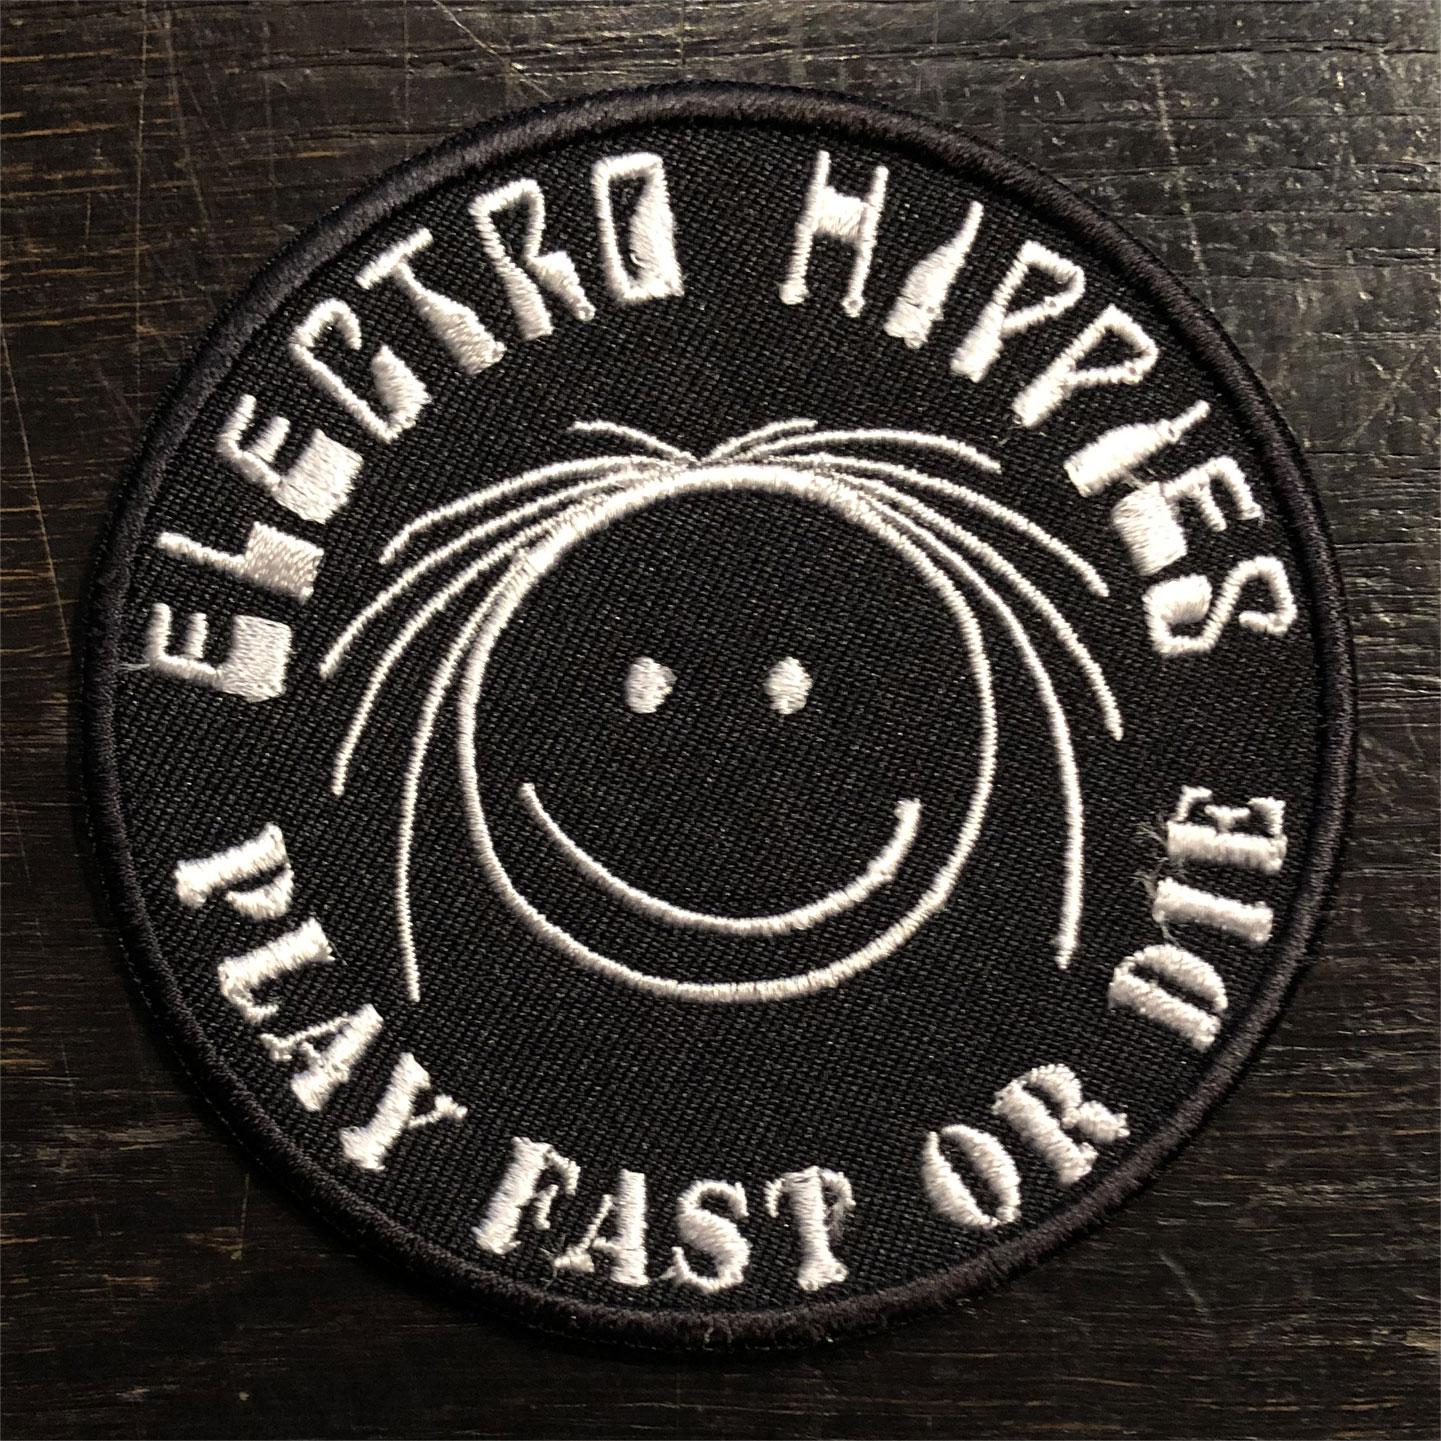 ELECTRO HIPPIES 刺繍ワッペン NICO